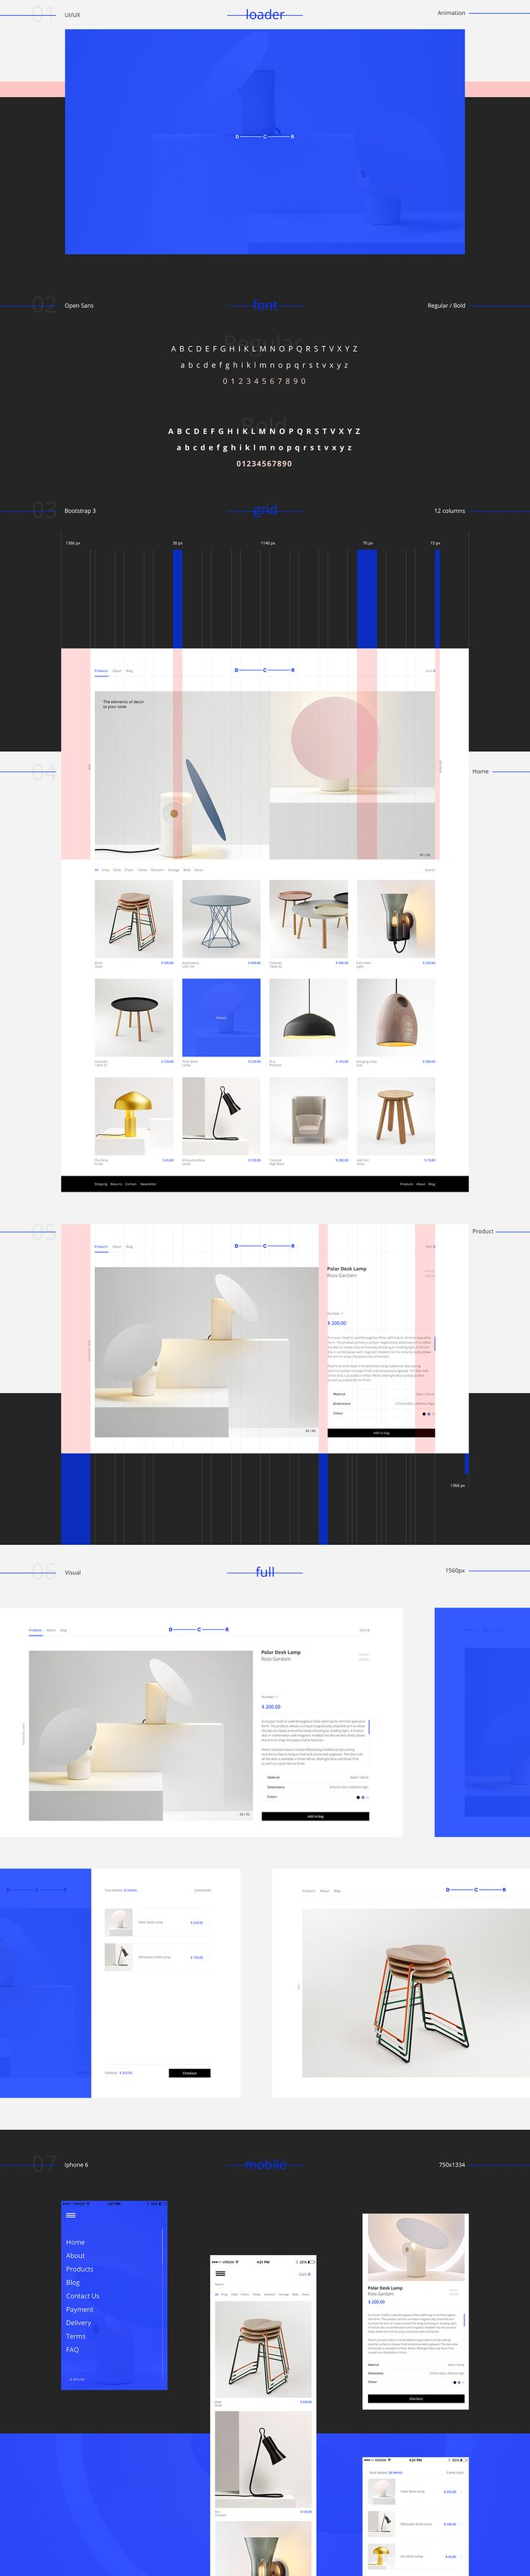 D — C — R - UI/UX design | Abduzeedo